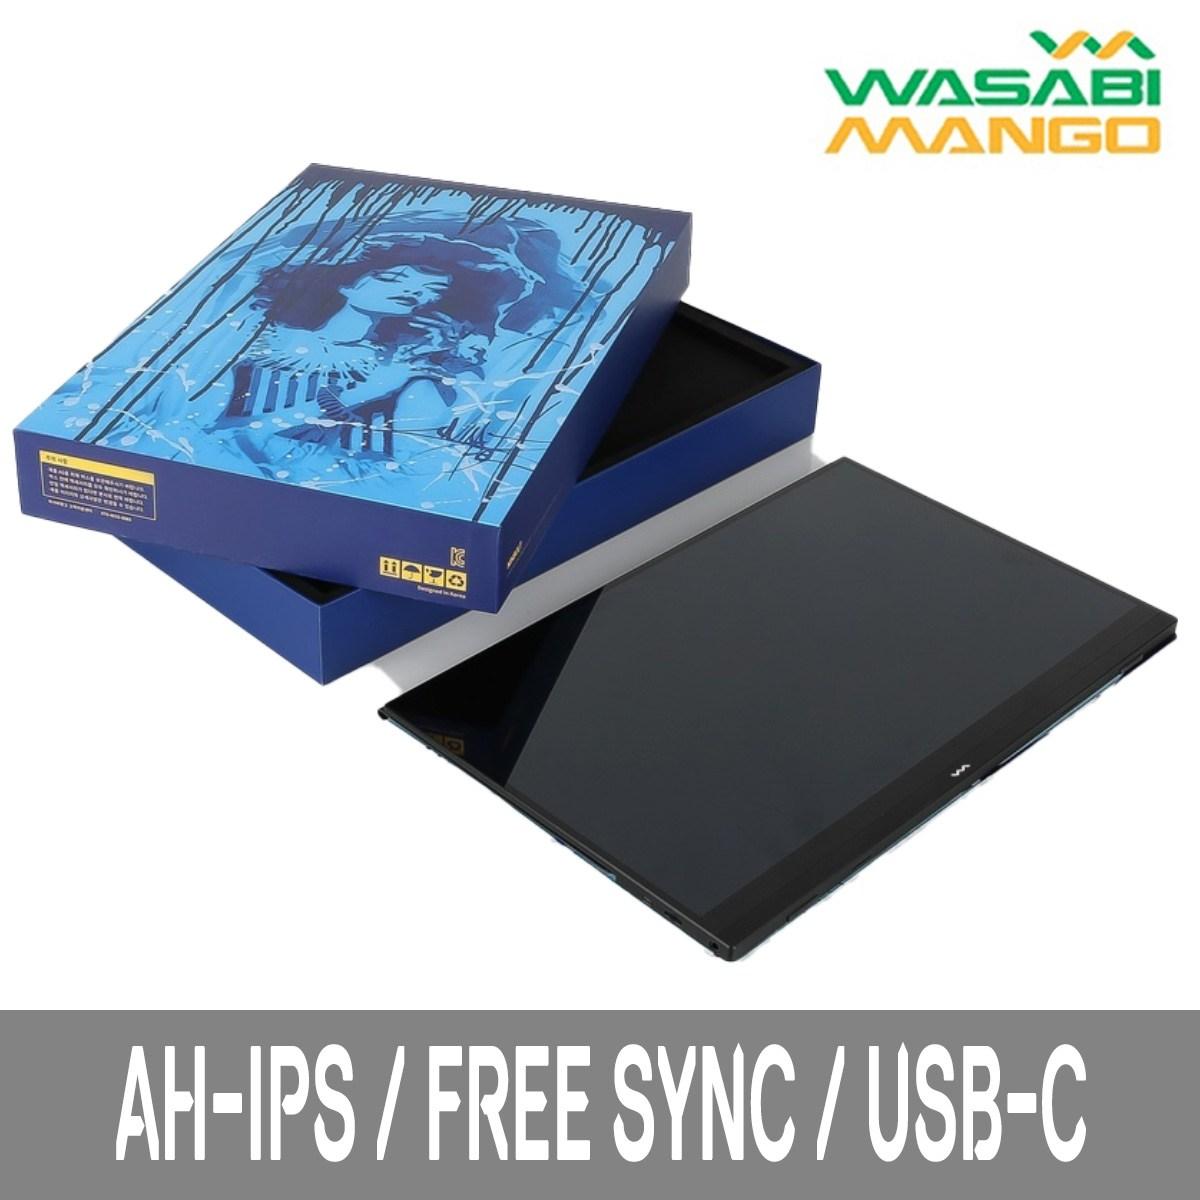 와사비망고 Artview FHD150 닌볼트 여인1 포터블 모니터